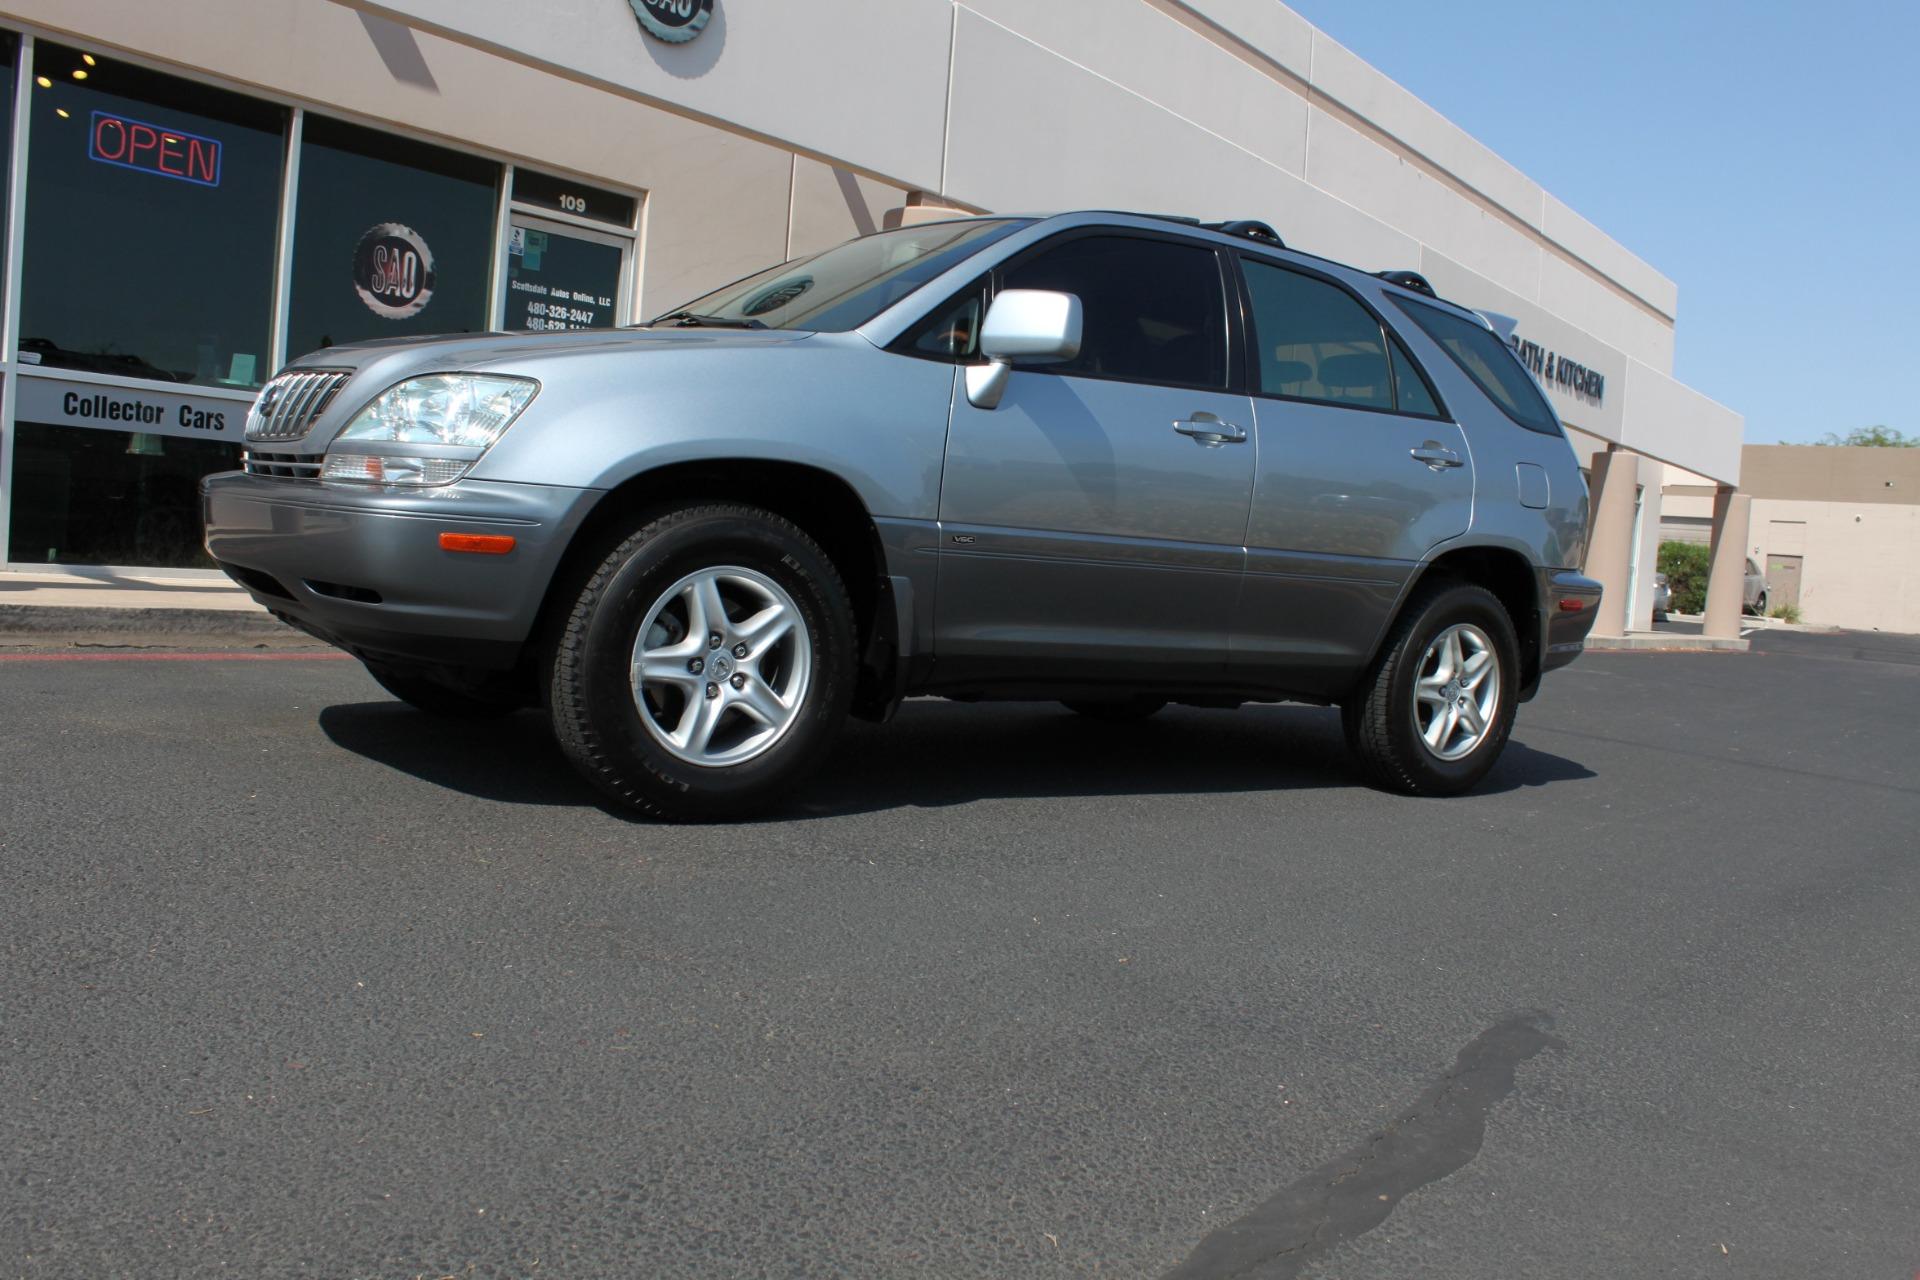 Used-2003-Lexus-RX-300-AWD-Camaro